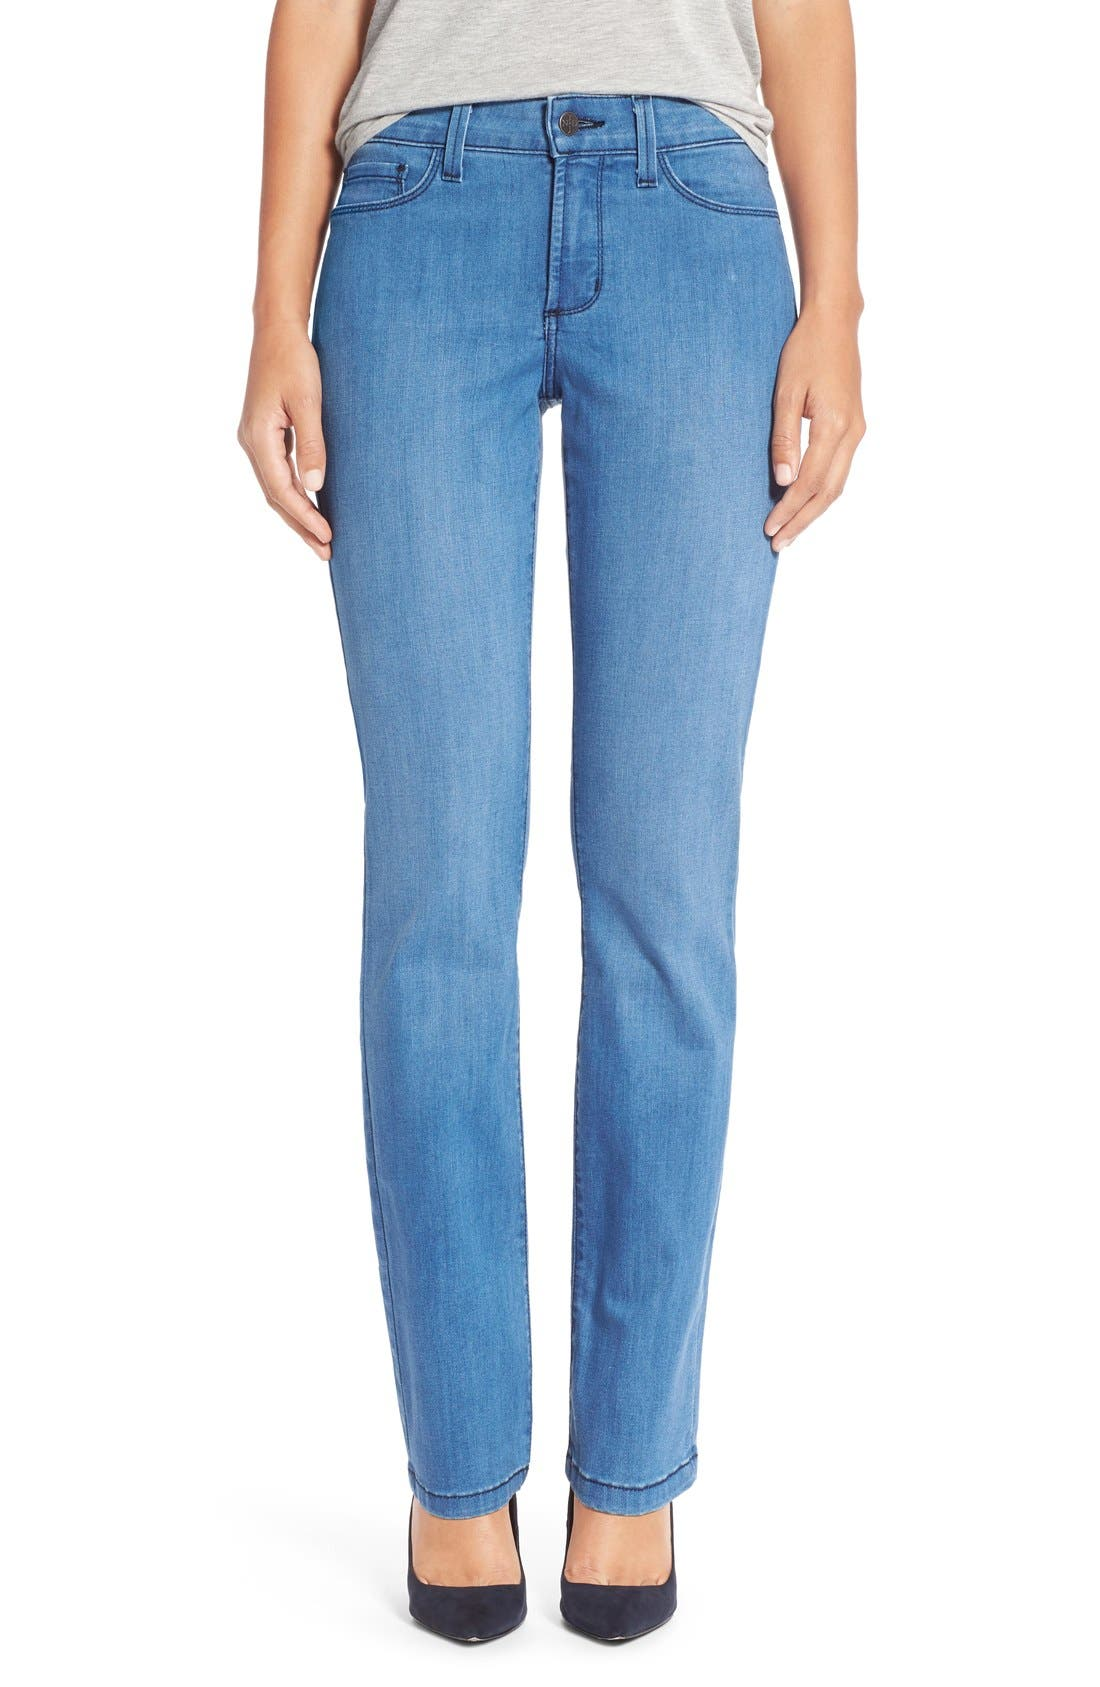 Main Image - NYDJ 'Sheri' Stretch Skinny Jeans (Newberry)